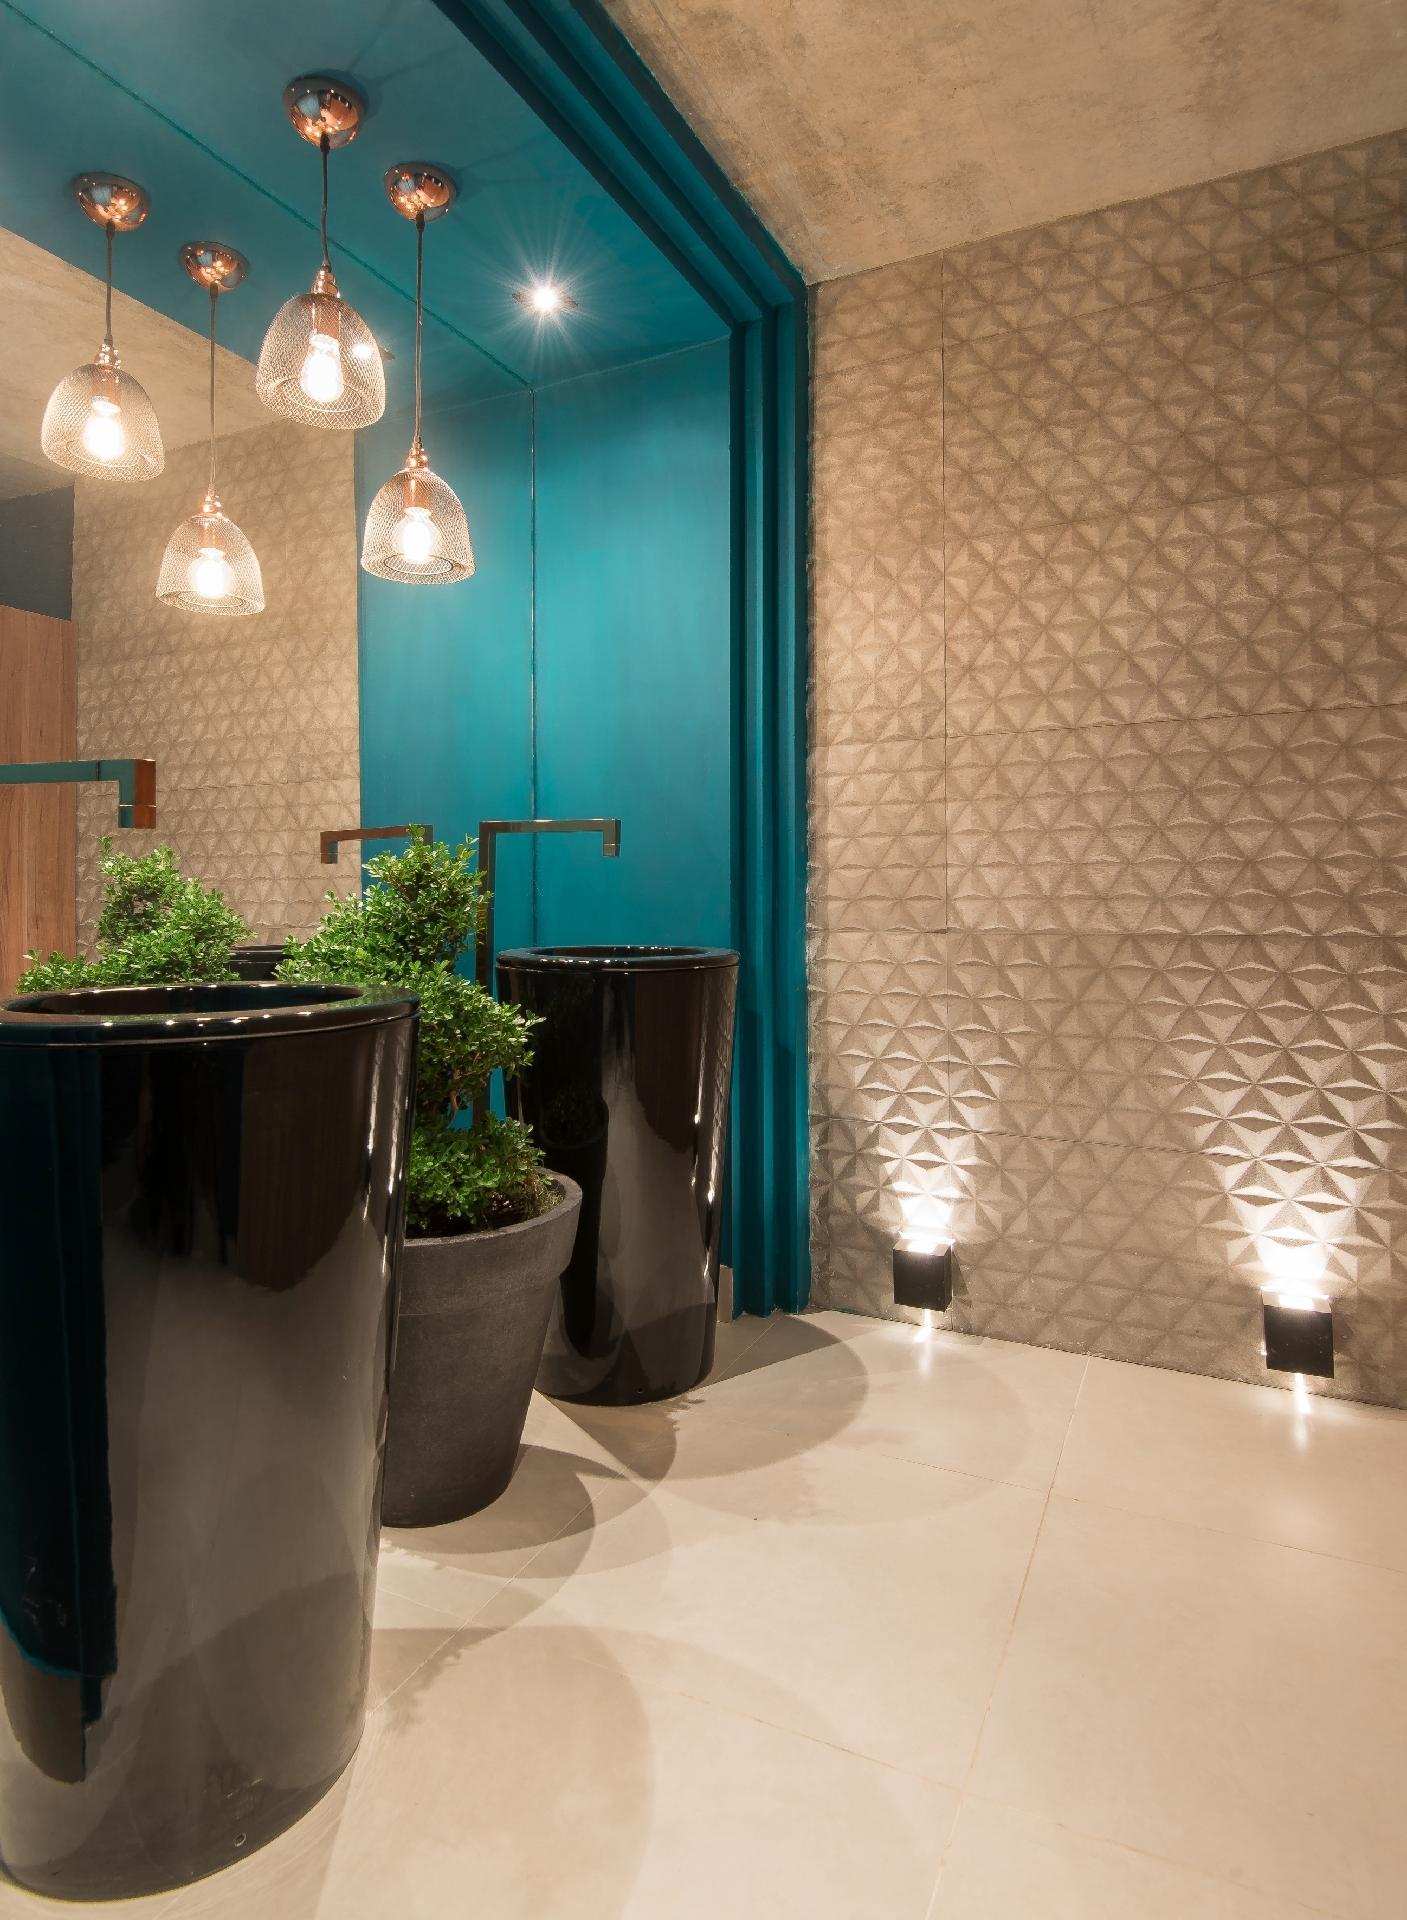 no banheiro disponibilizado para o publico com o projeto banho publico  #115258 1407 1920